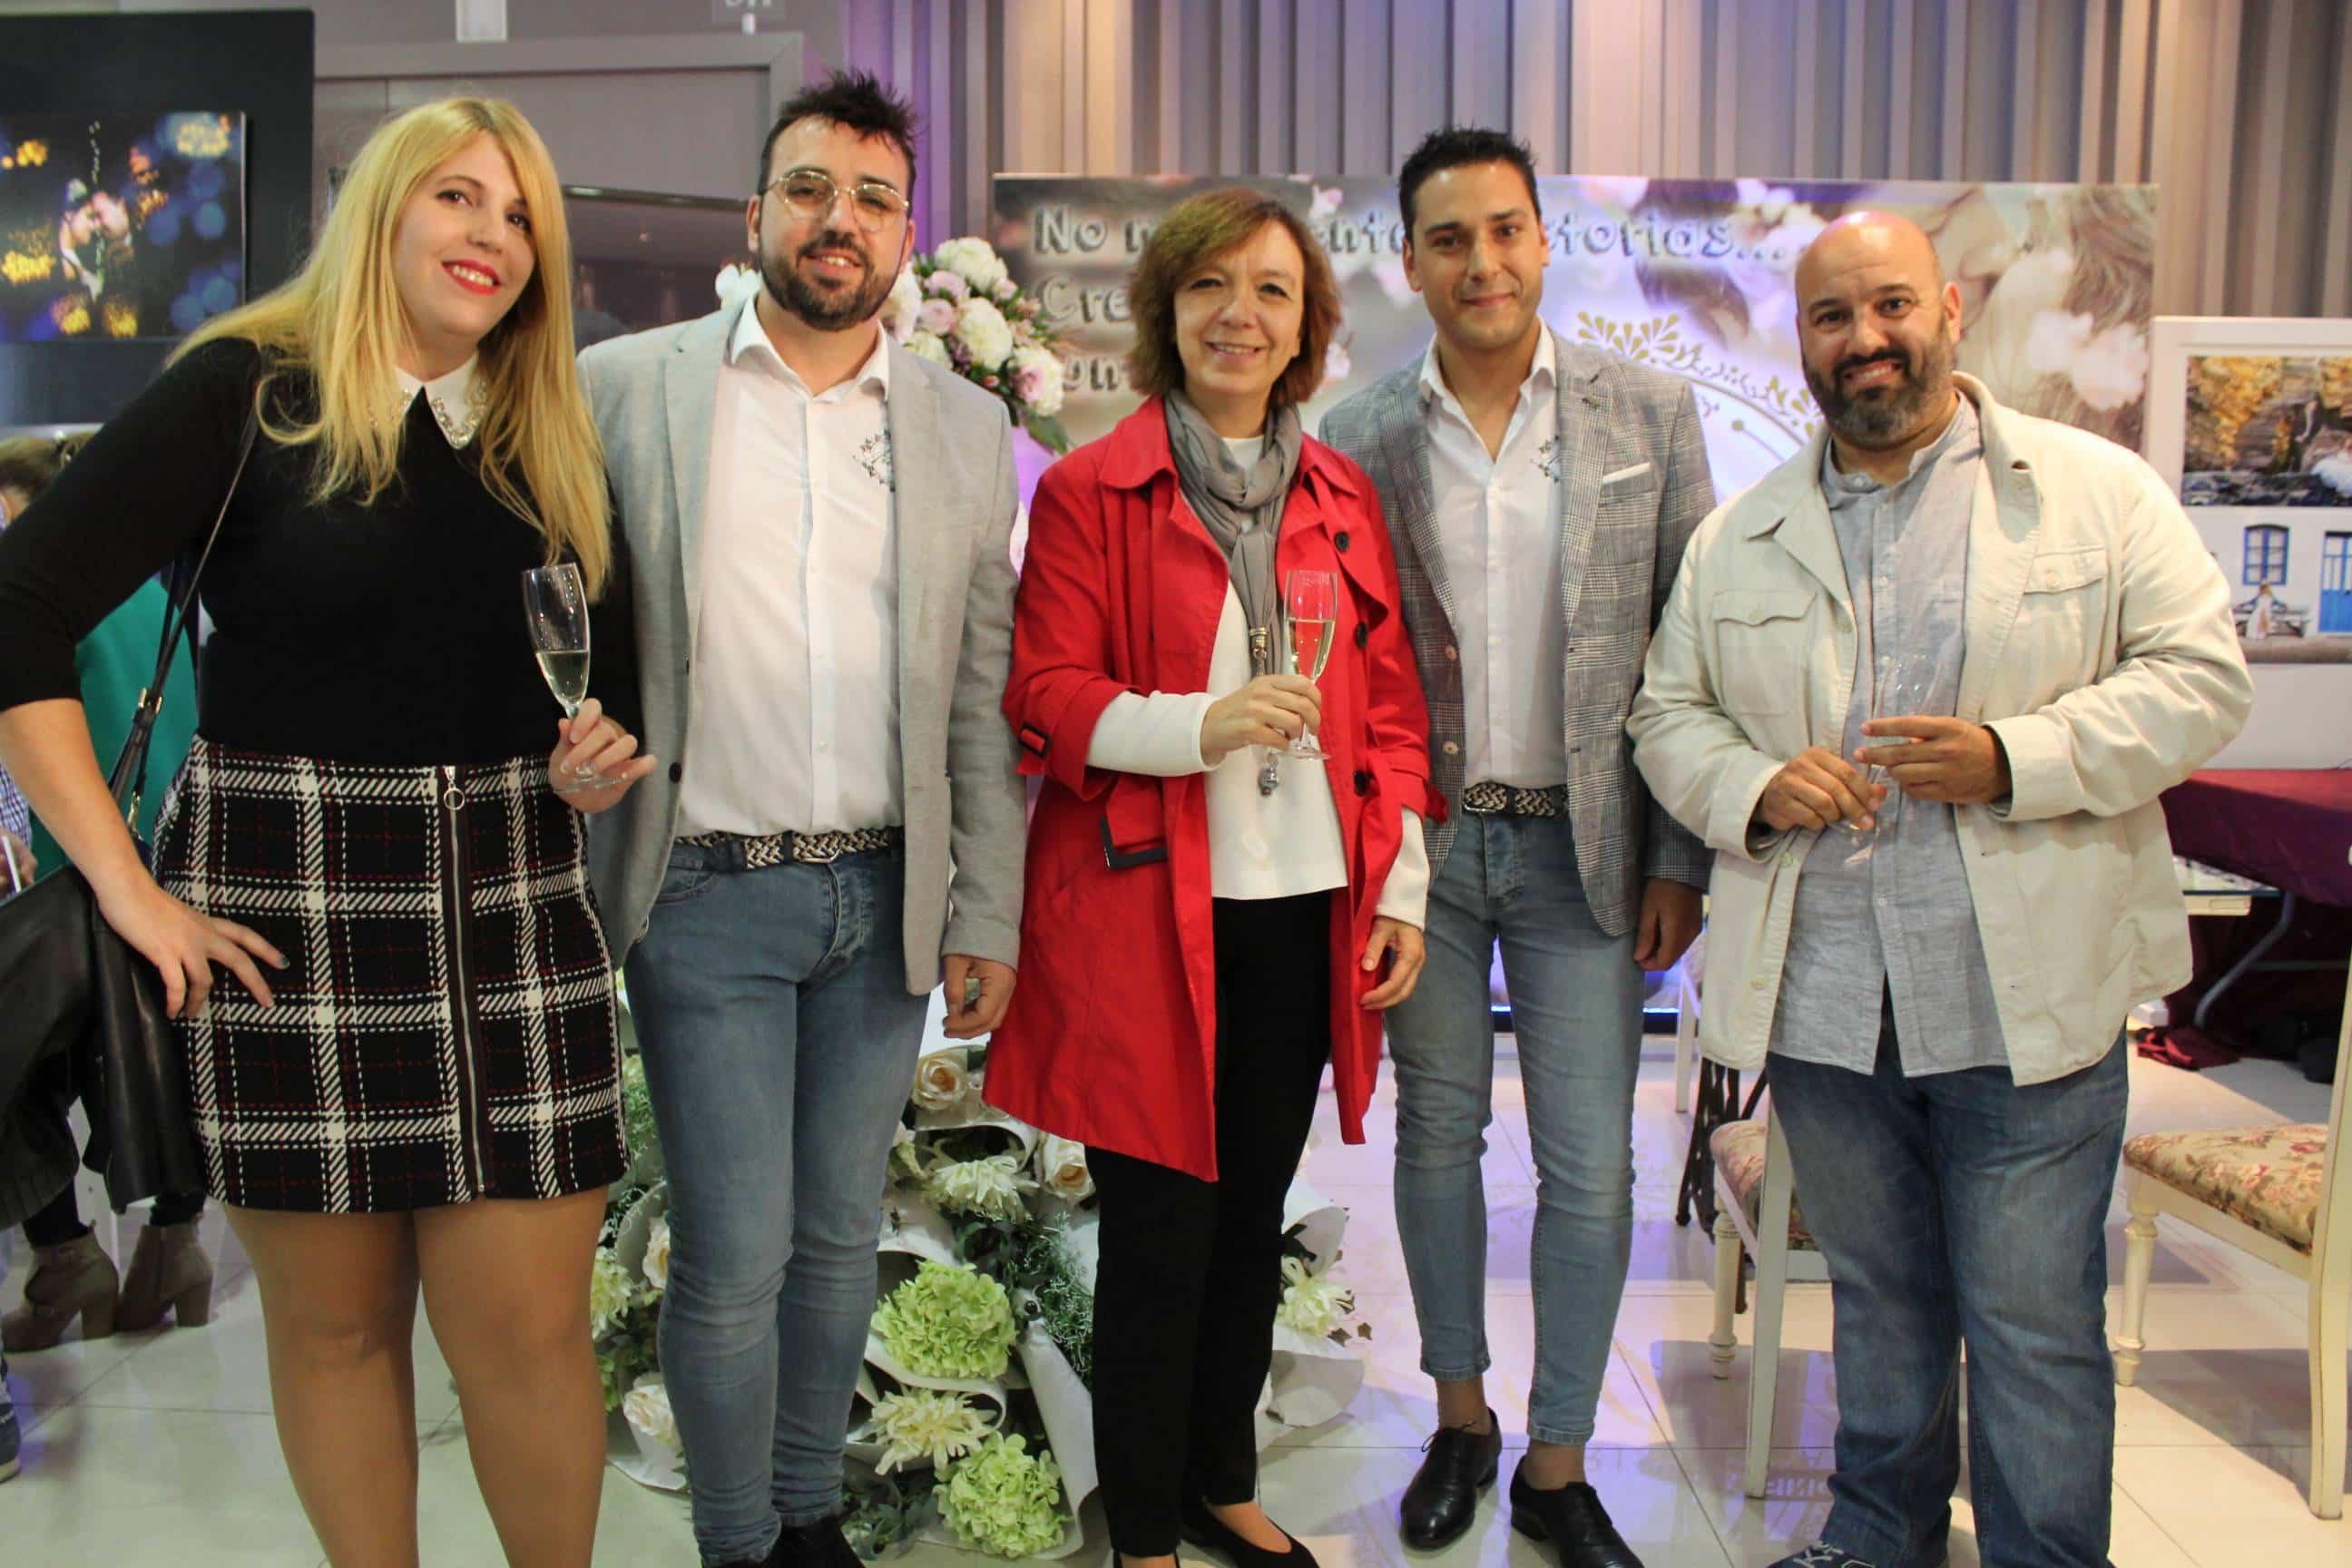 """X feria nupcial si quiero alcazar - Aragar Floristerías organizó la X Feria Nupcial """"Sí quiero"""" en Salones Mabel de Alcázar"""